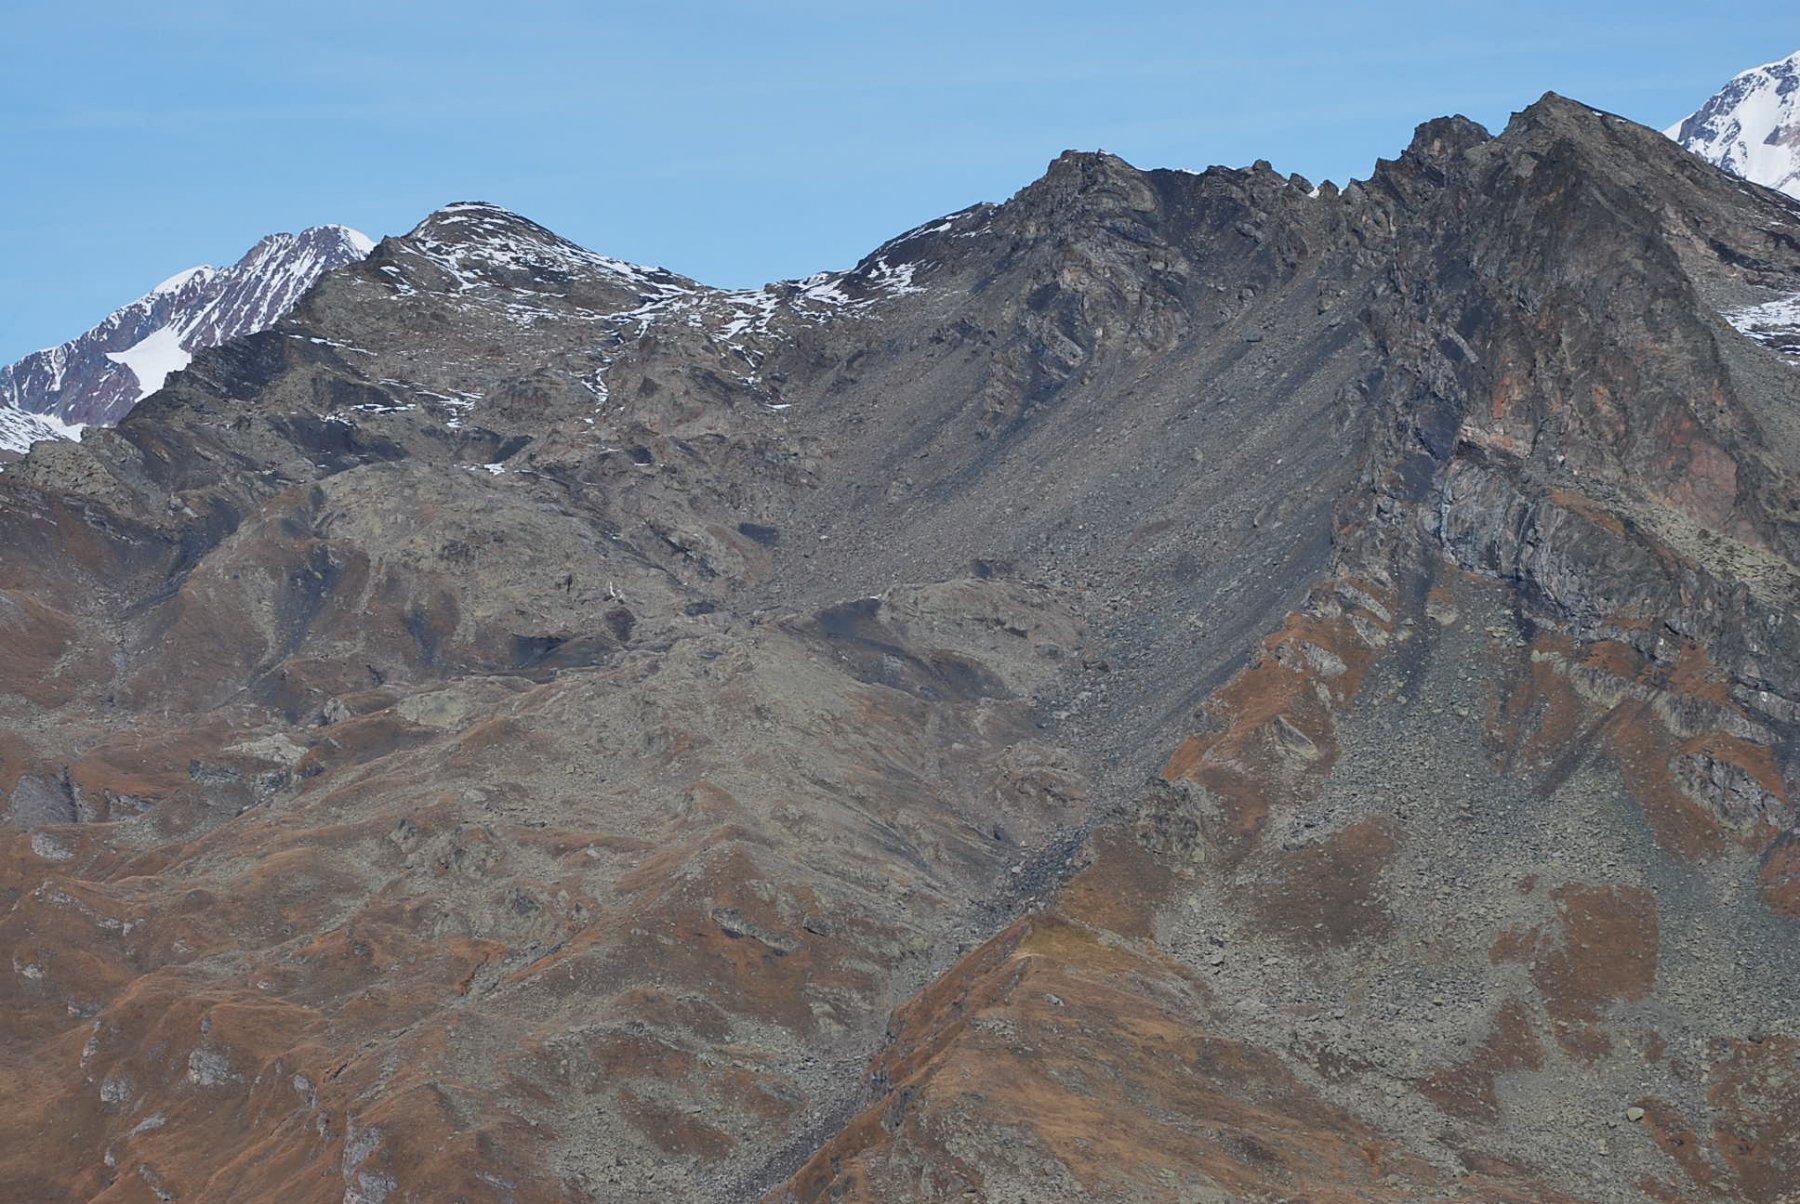 Dalla cresta sotto l'Aig. Clapet: Combe Mechandeur, Col e Aig. Vieis, Miravidi